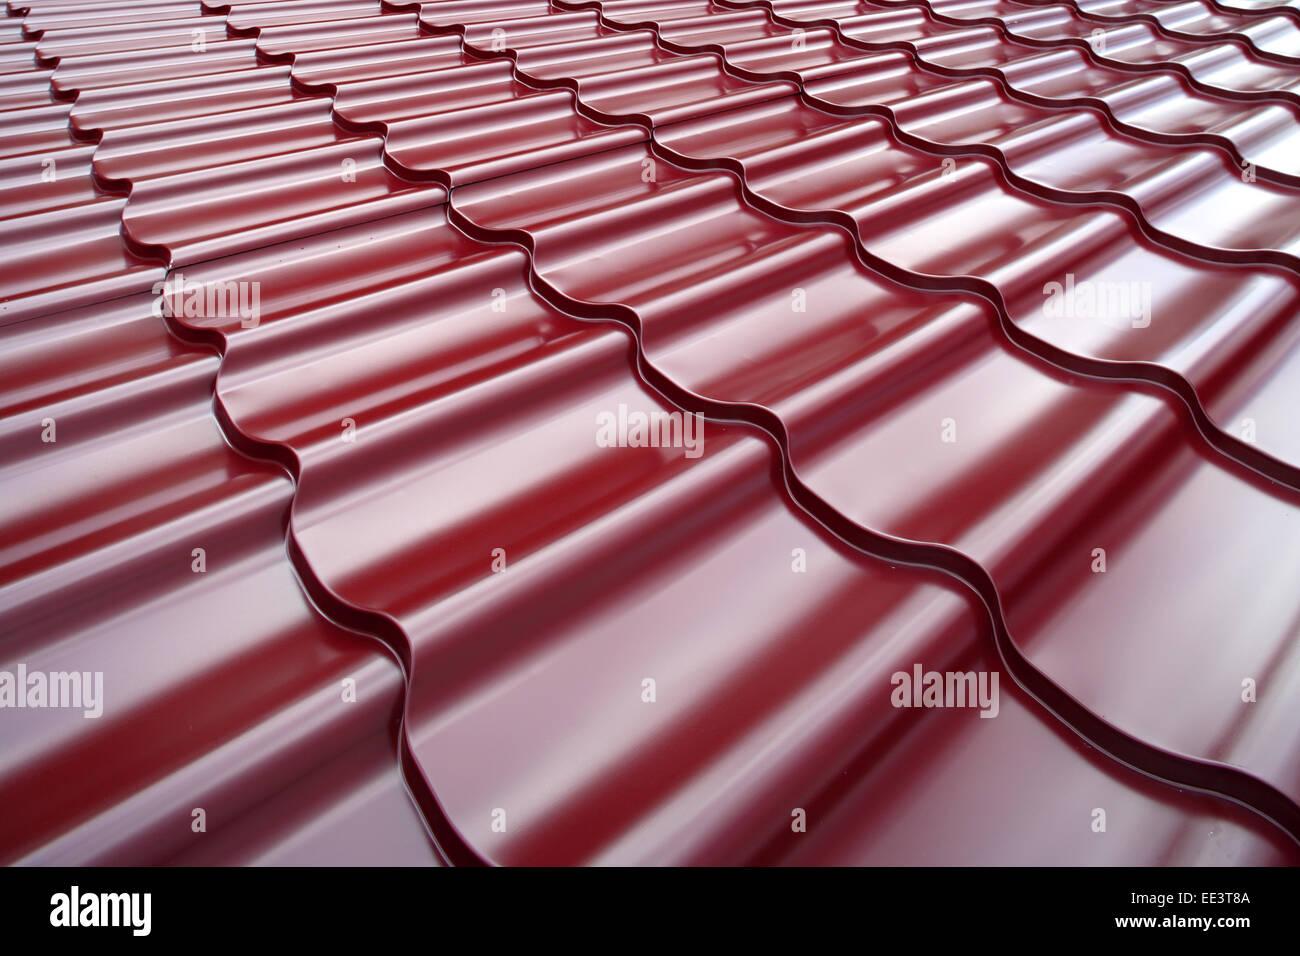 Toit en Acier peint de couleur rouge. d'acier peint Motif couleur rouge pour la construction en métal matériau Photo Stock